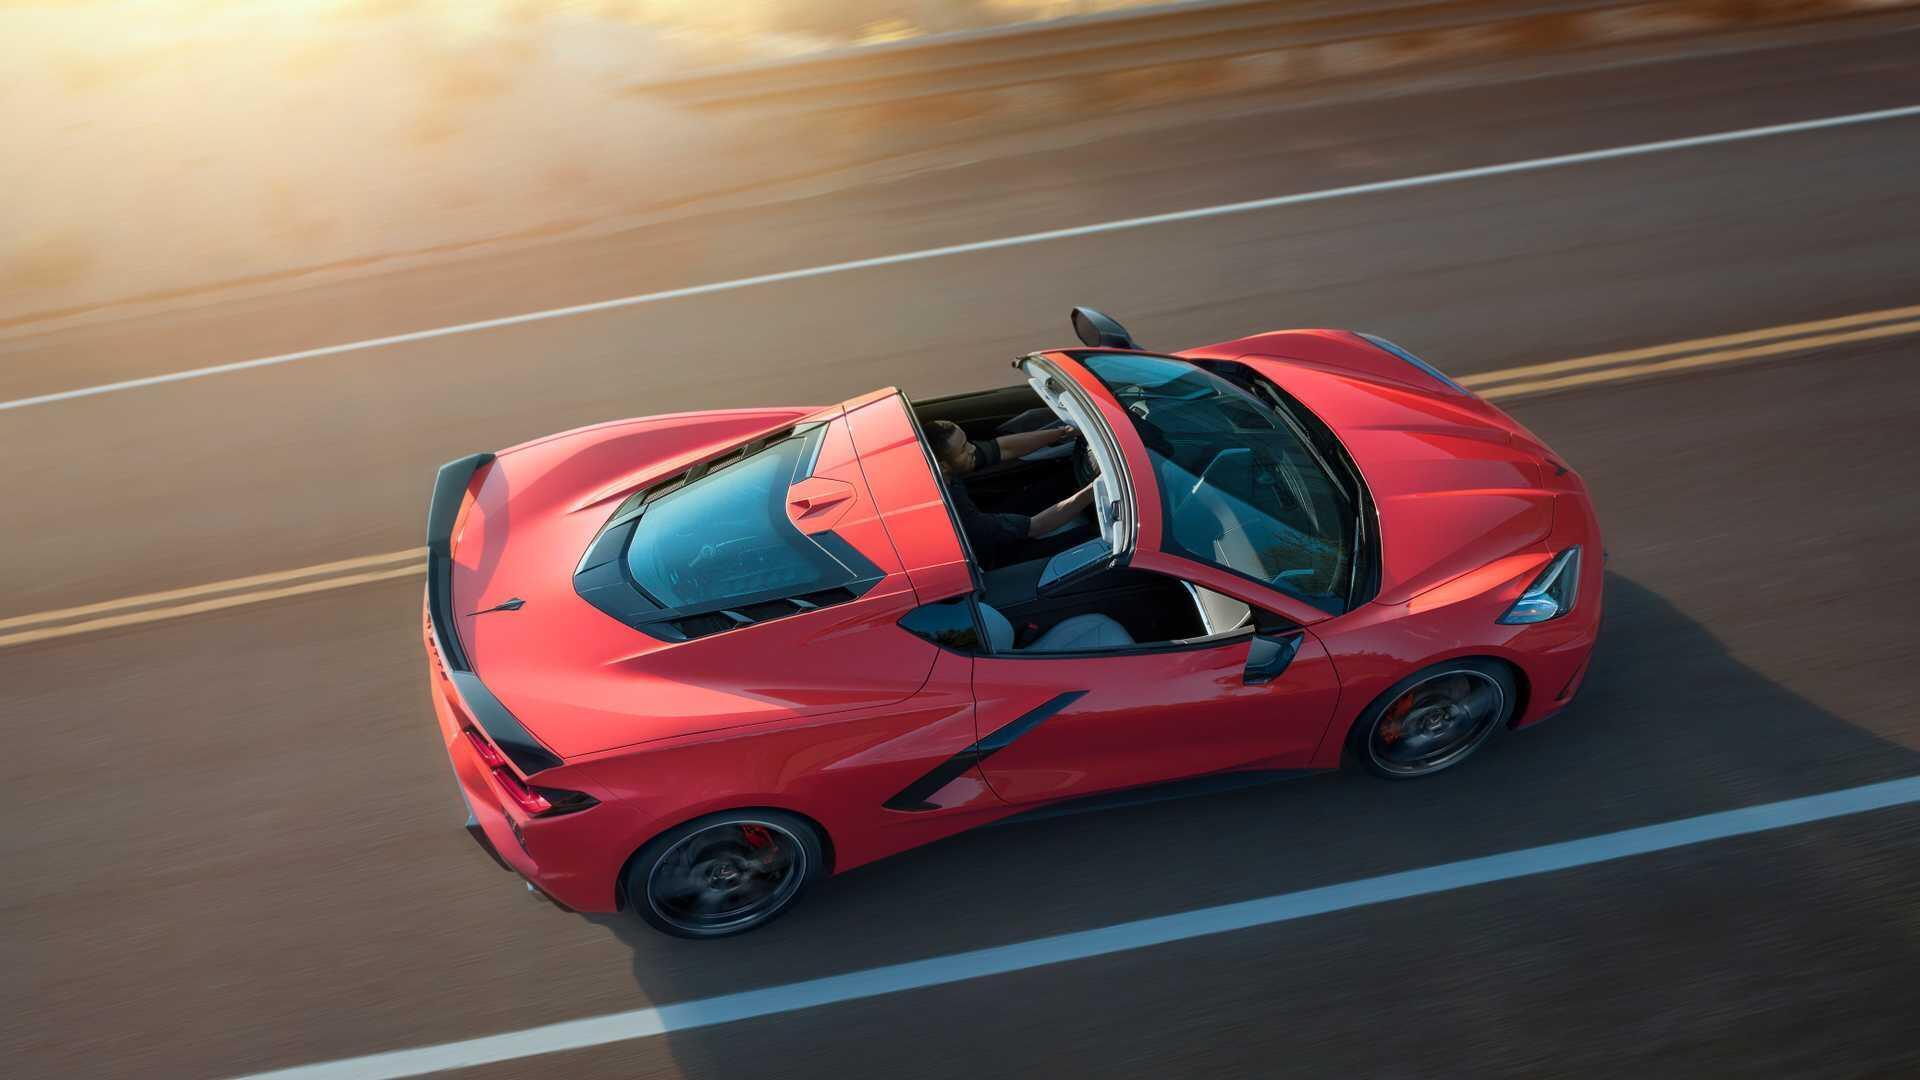 https://cdn.dailyxe.com.vn/image/chevrolet-corvette-2020-co-mot-so-tinh-nang-an-tuyet-voi-40-94541j2.jpg